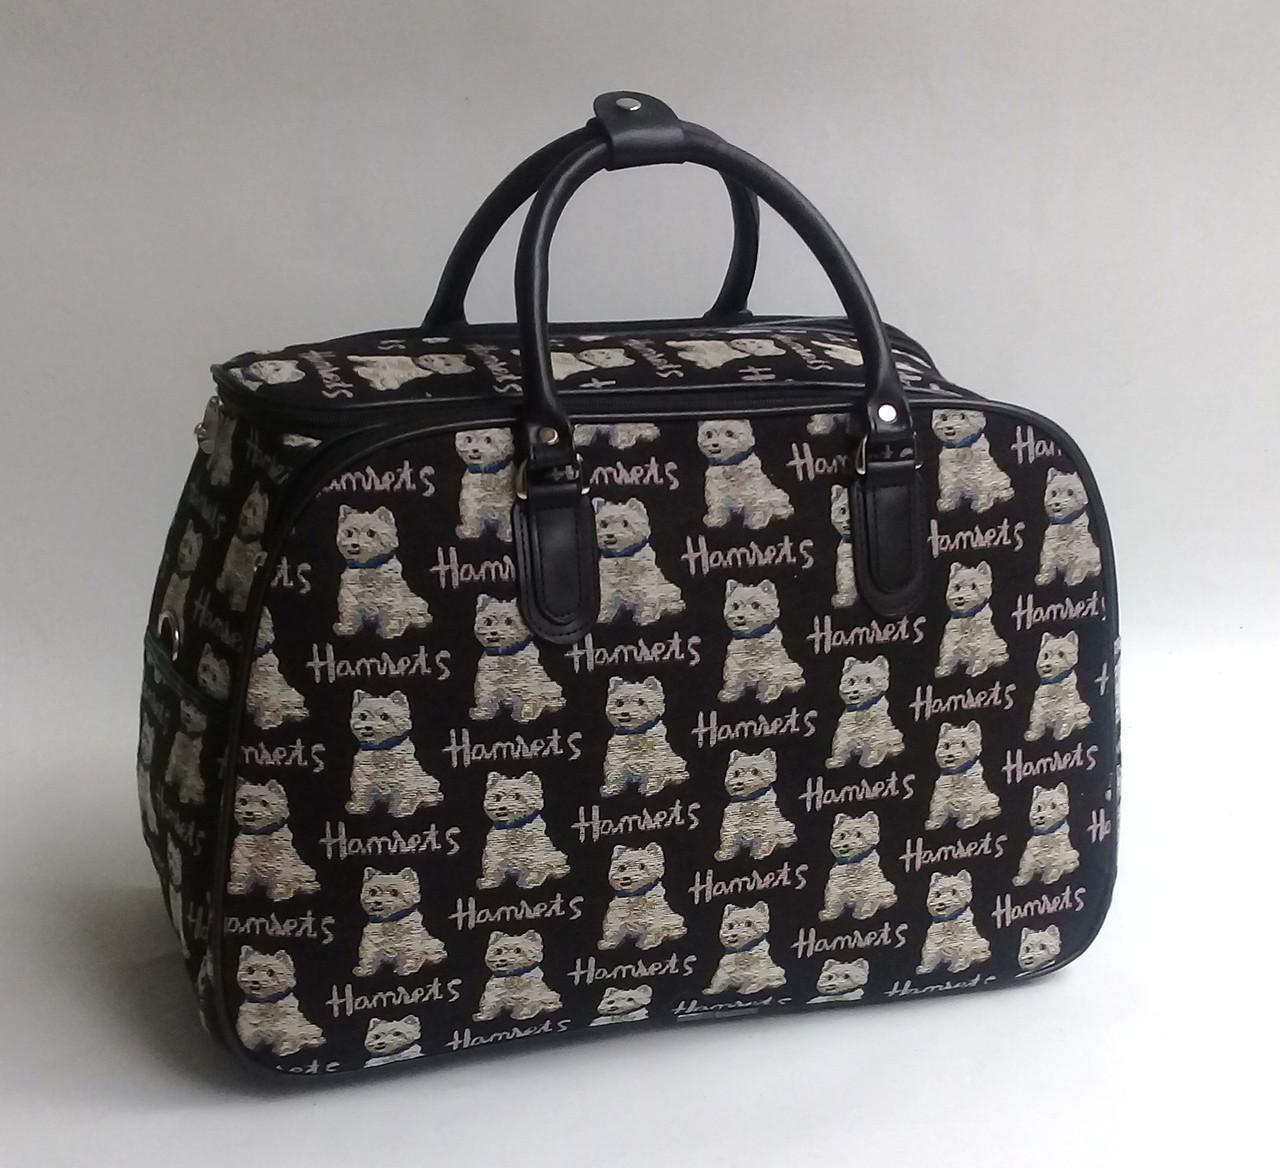 6235adca57cb Сумка дорожная тканевая ручная кладь черная гобелен с собачками - 27 л -  Чемоданчик в Закарпатской